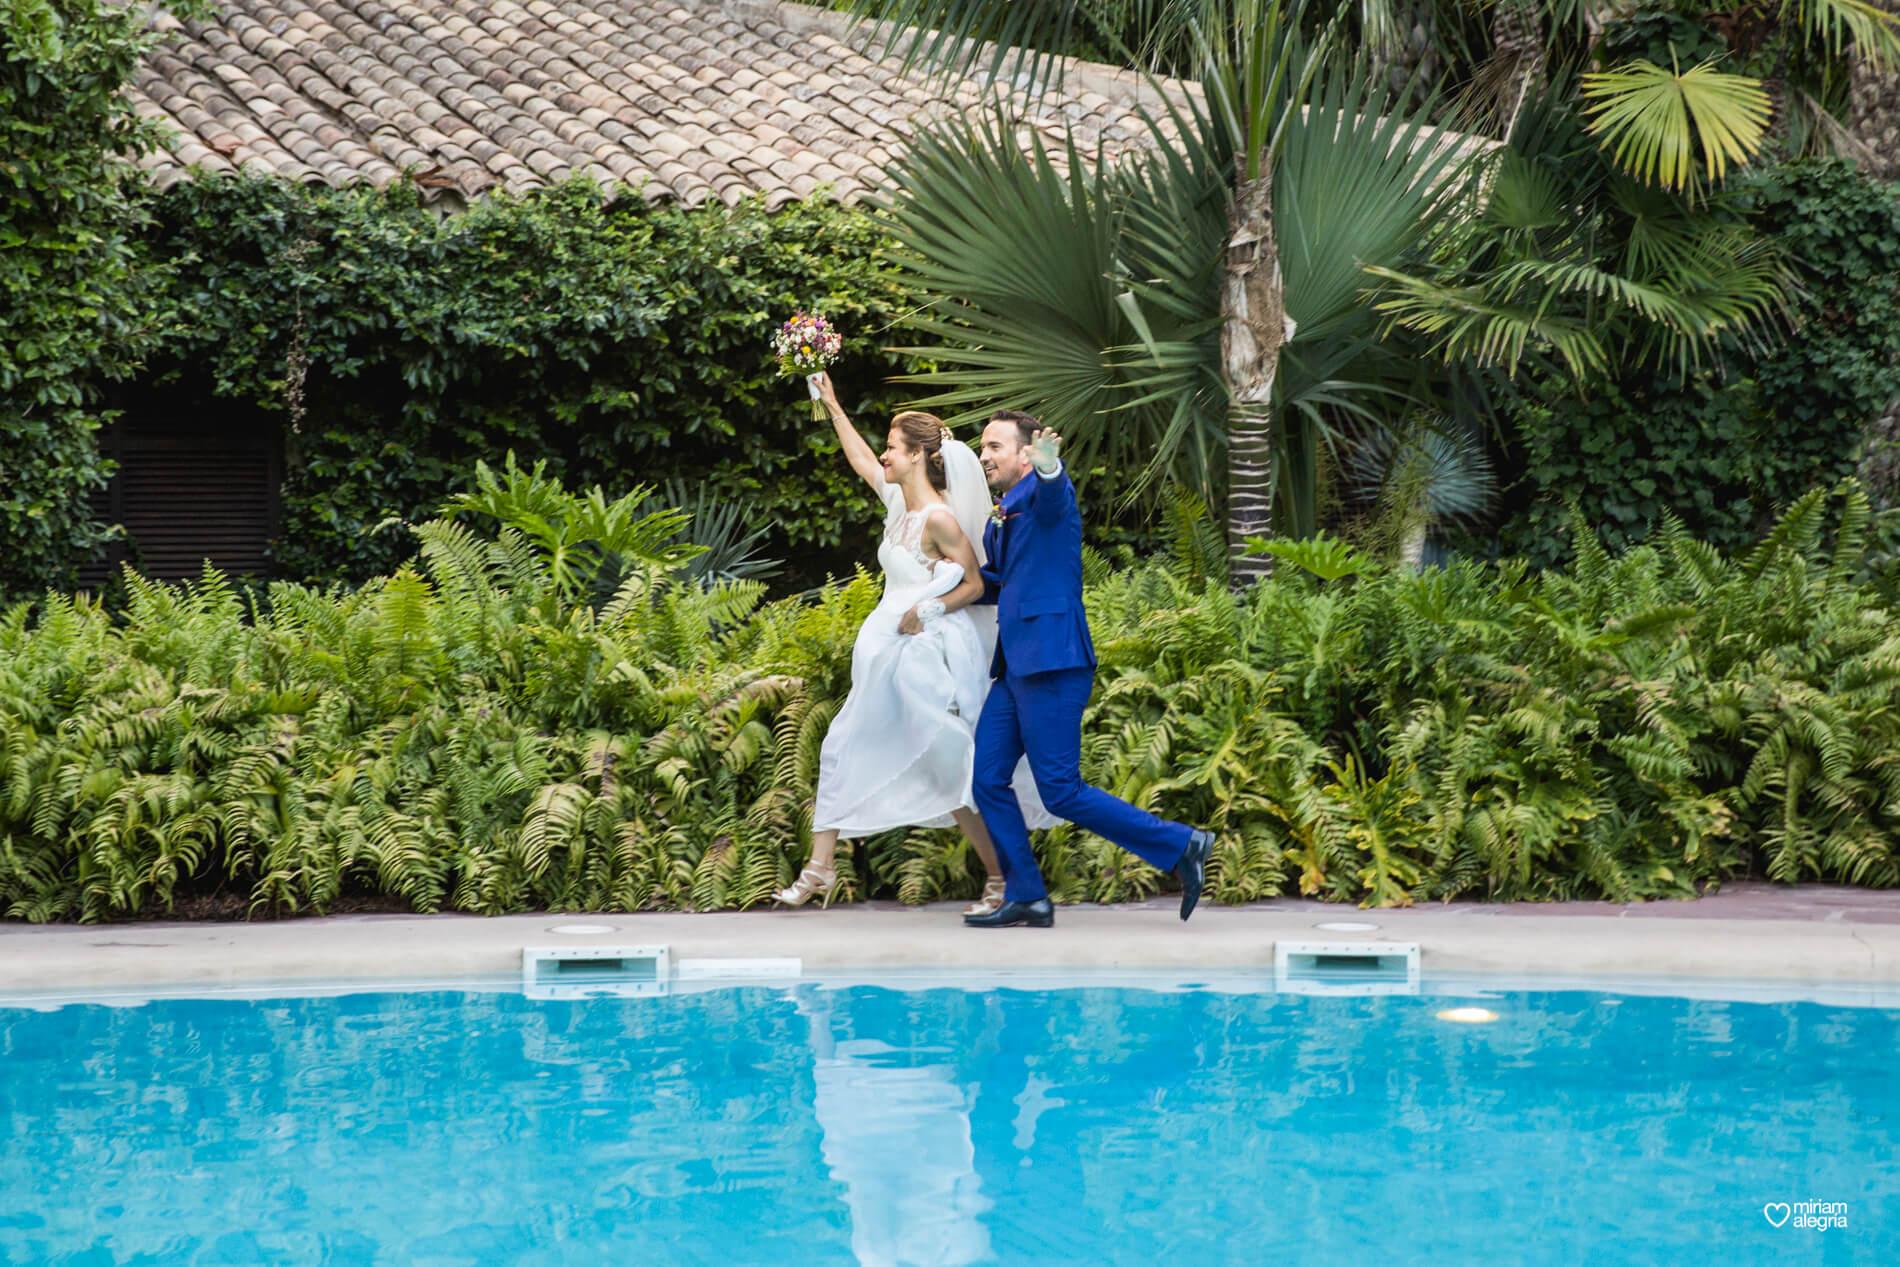 wedding-huerto-del-cura-elche-miriam-alegria-fotografos-boda-49